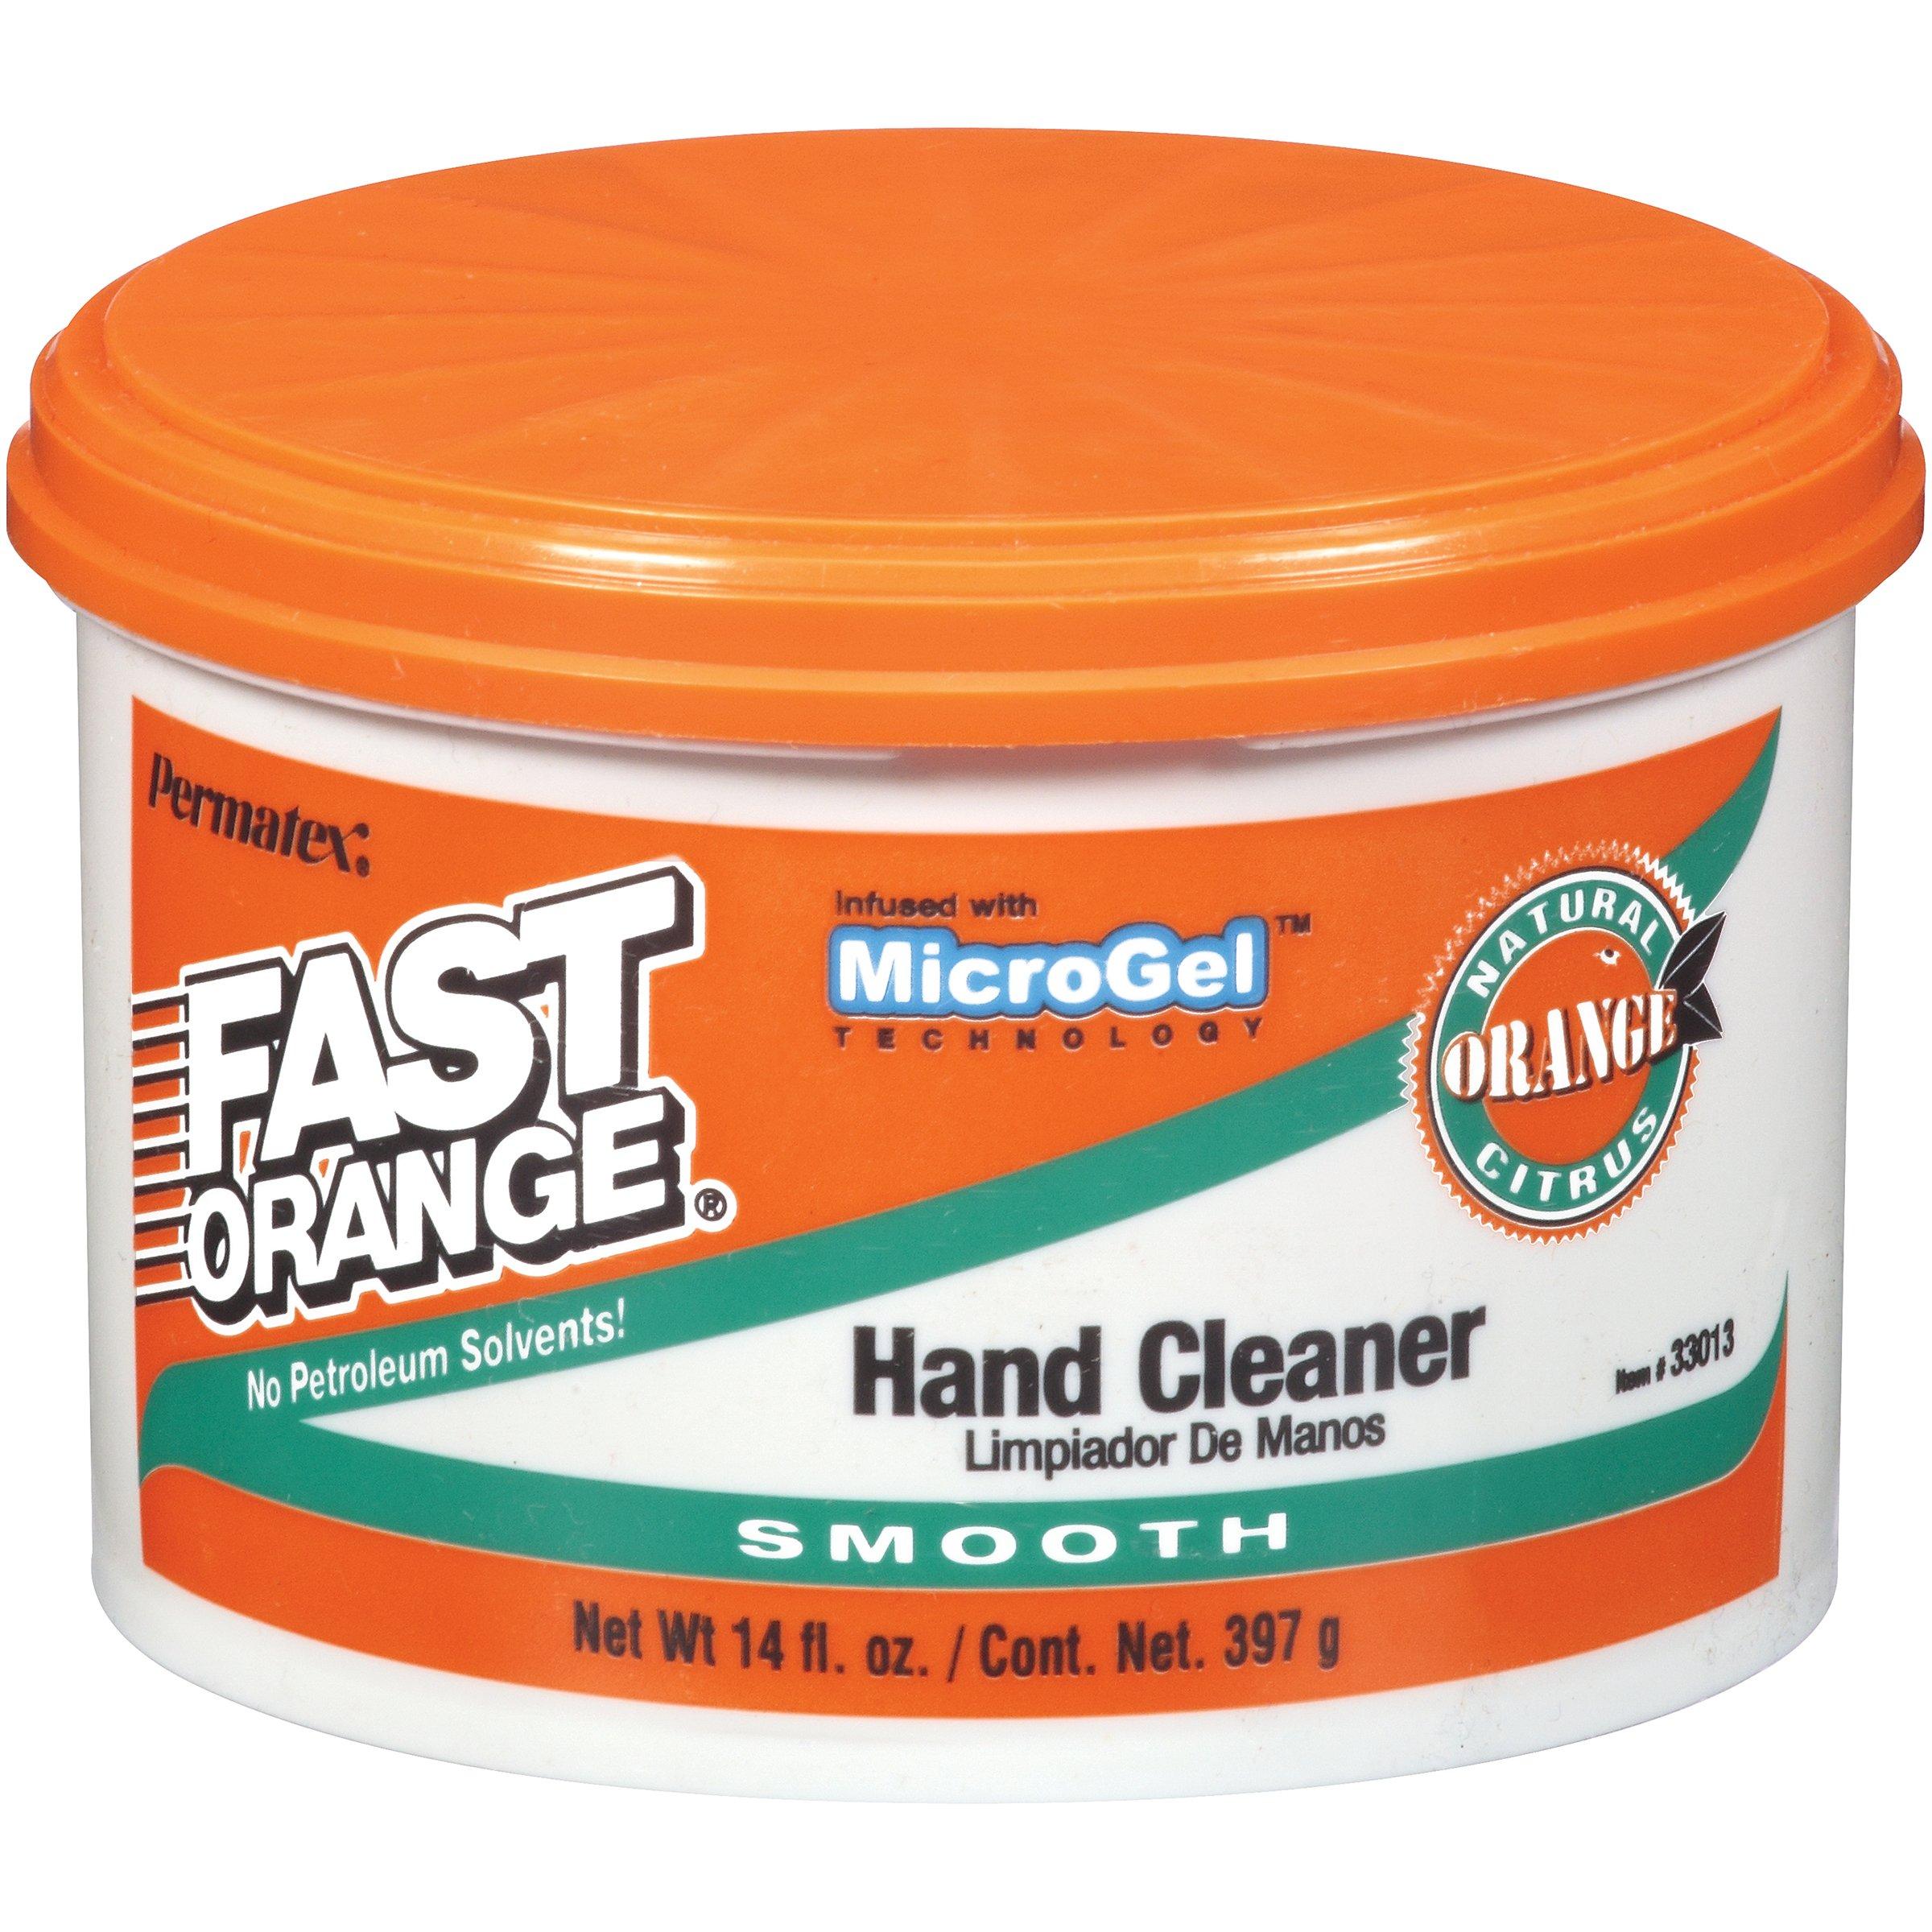 Permatex 33013 Fast Orange Smooth Cream Hand Cleaner, 14 oz.